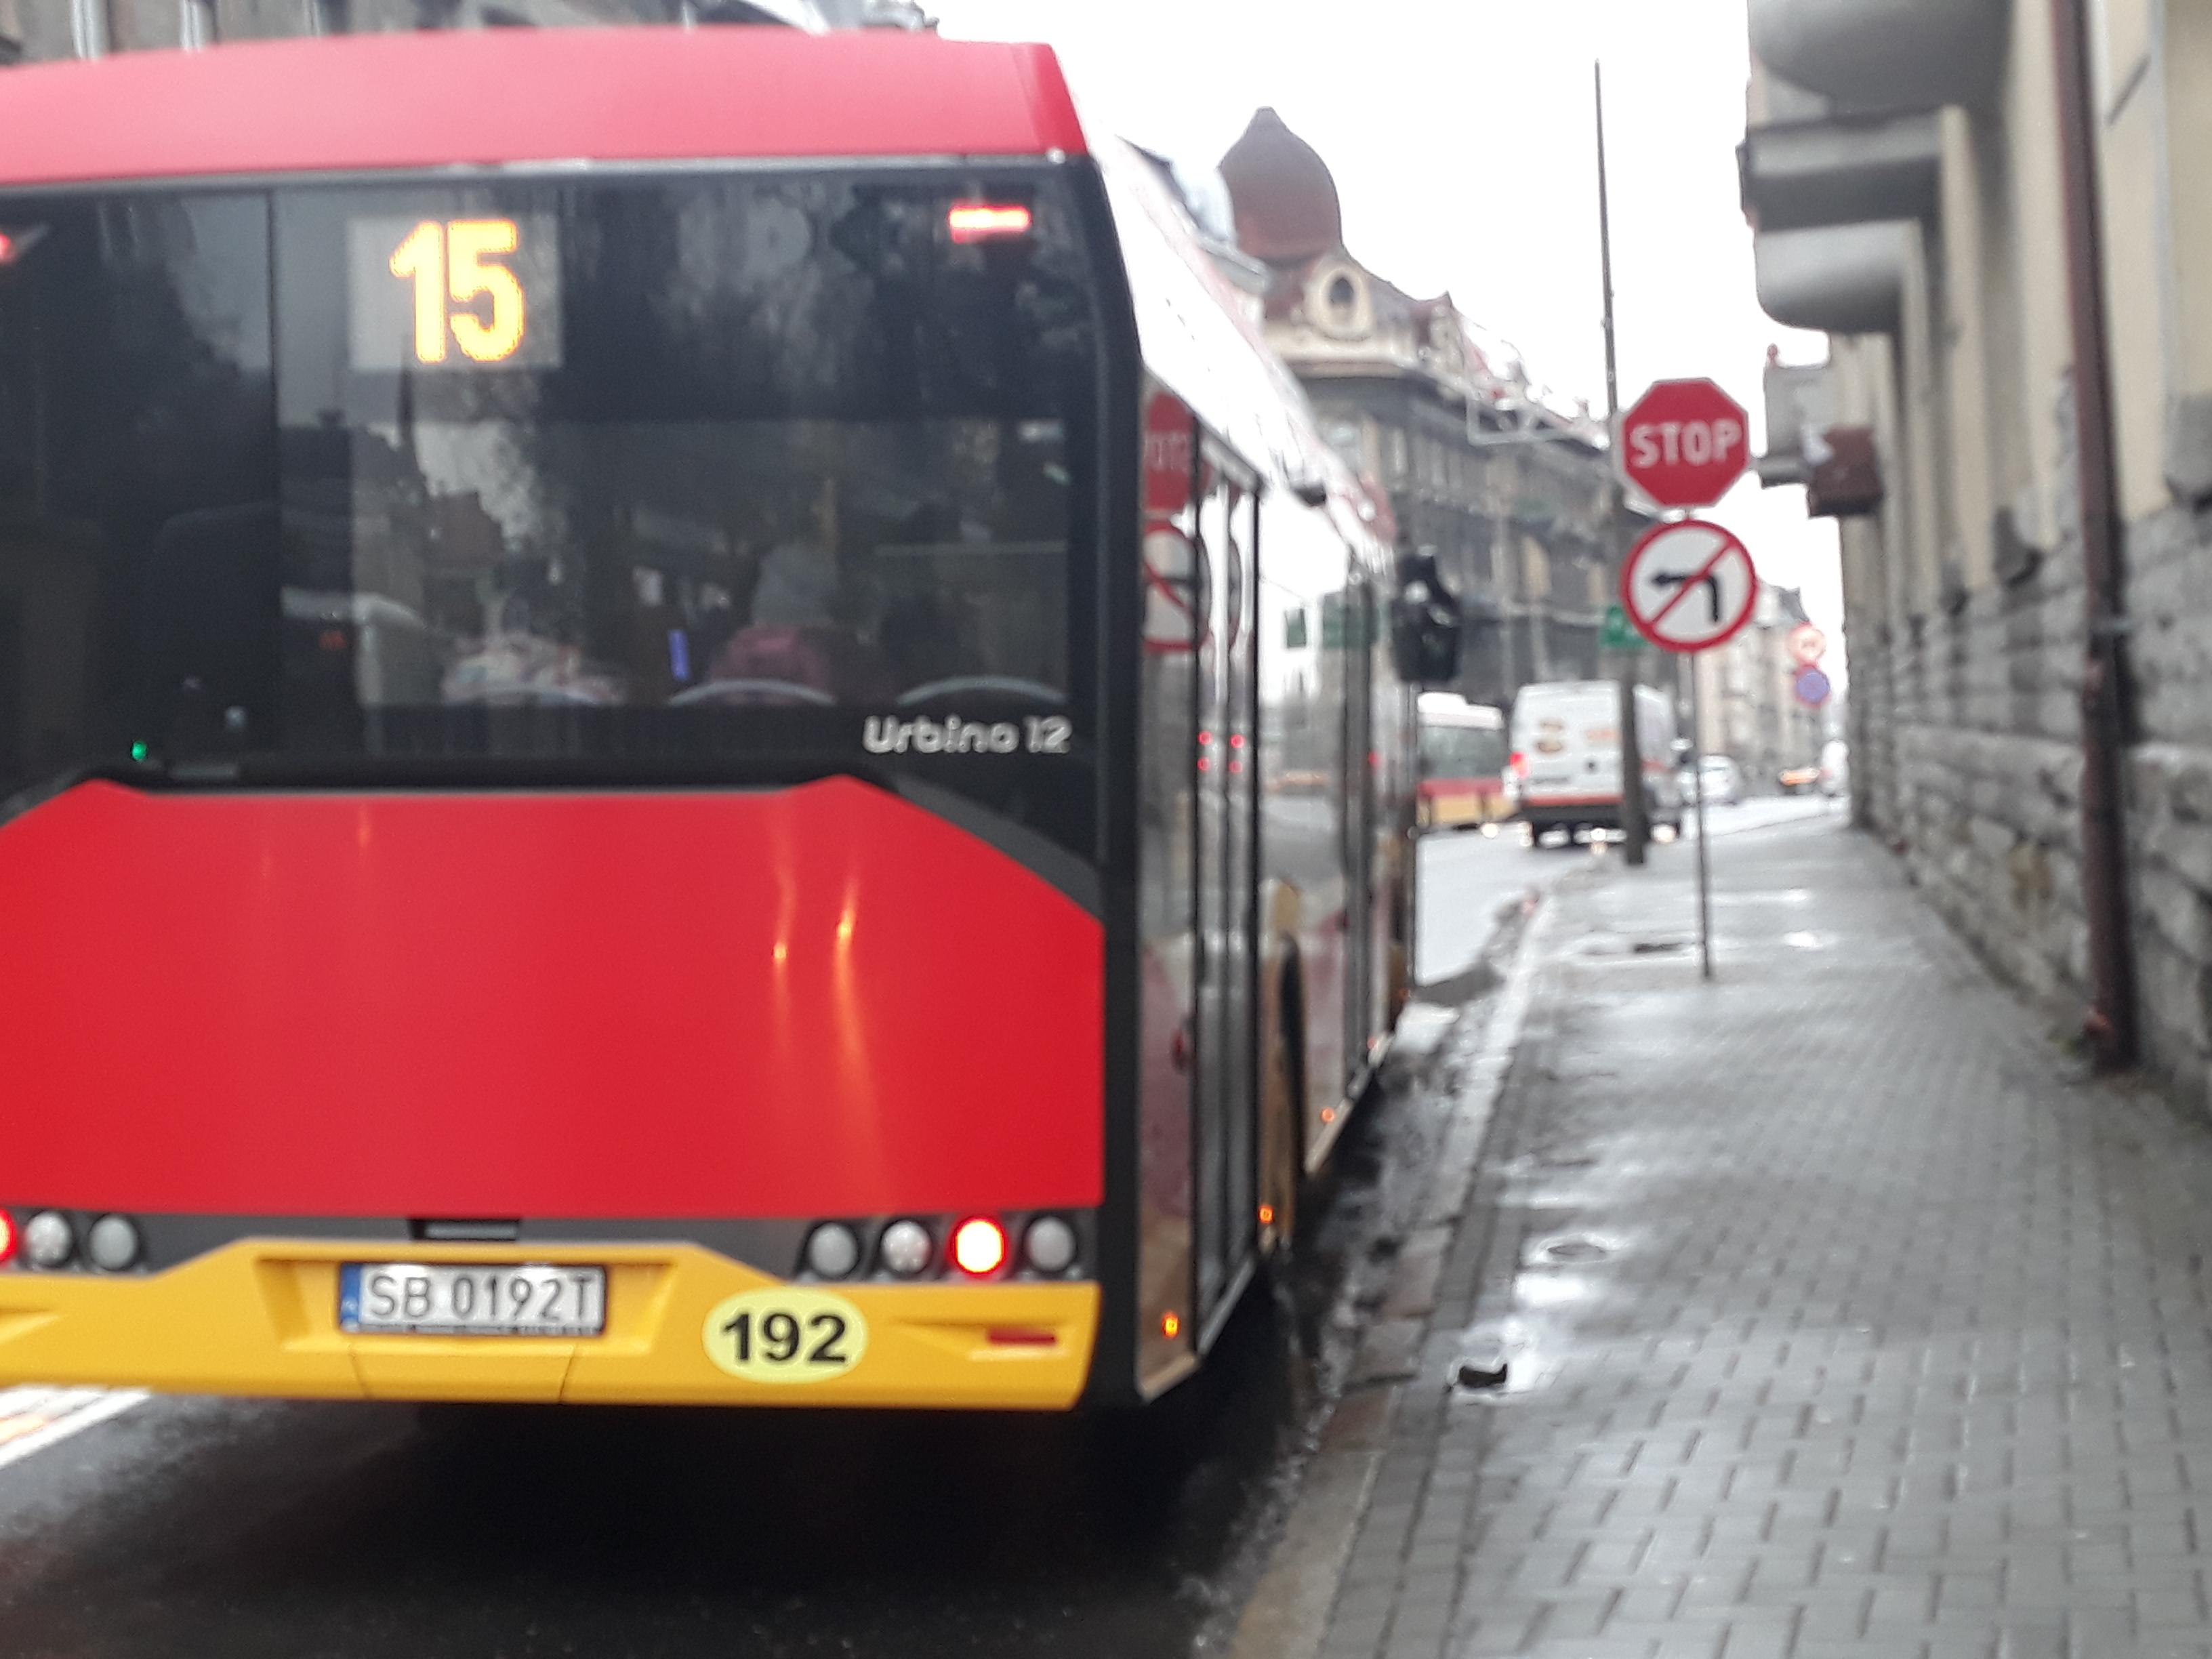 Bilety za przejazd autobusem już droższe!